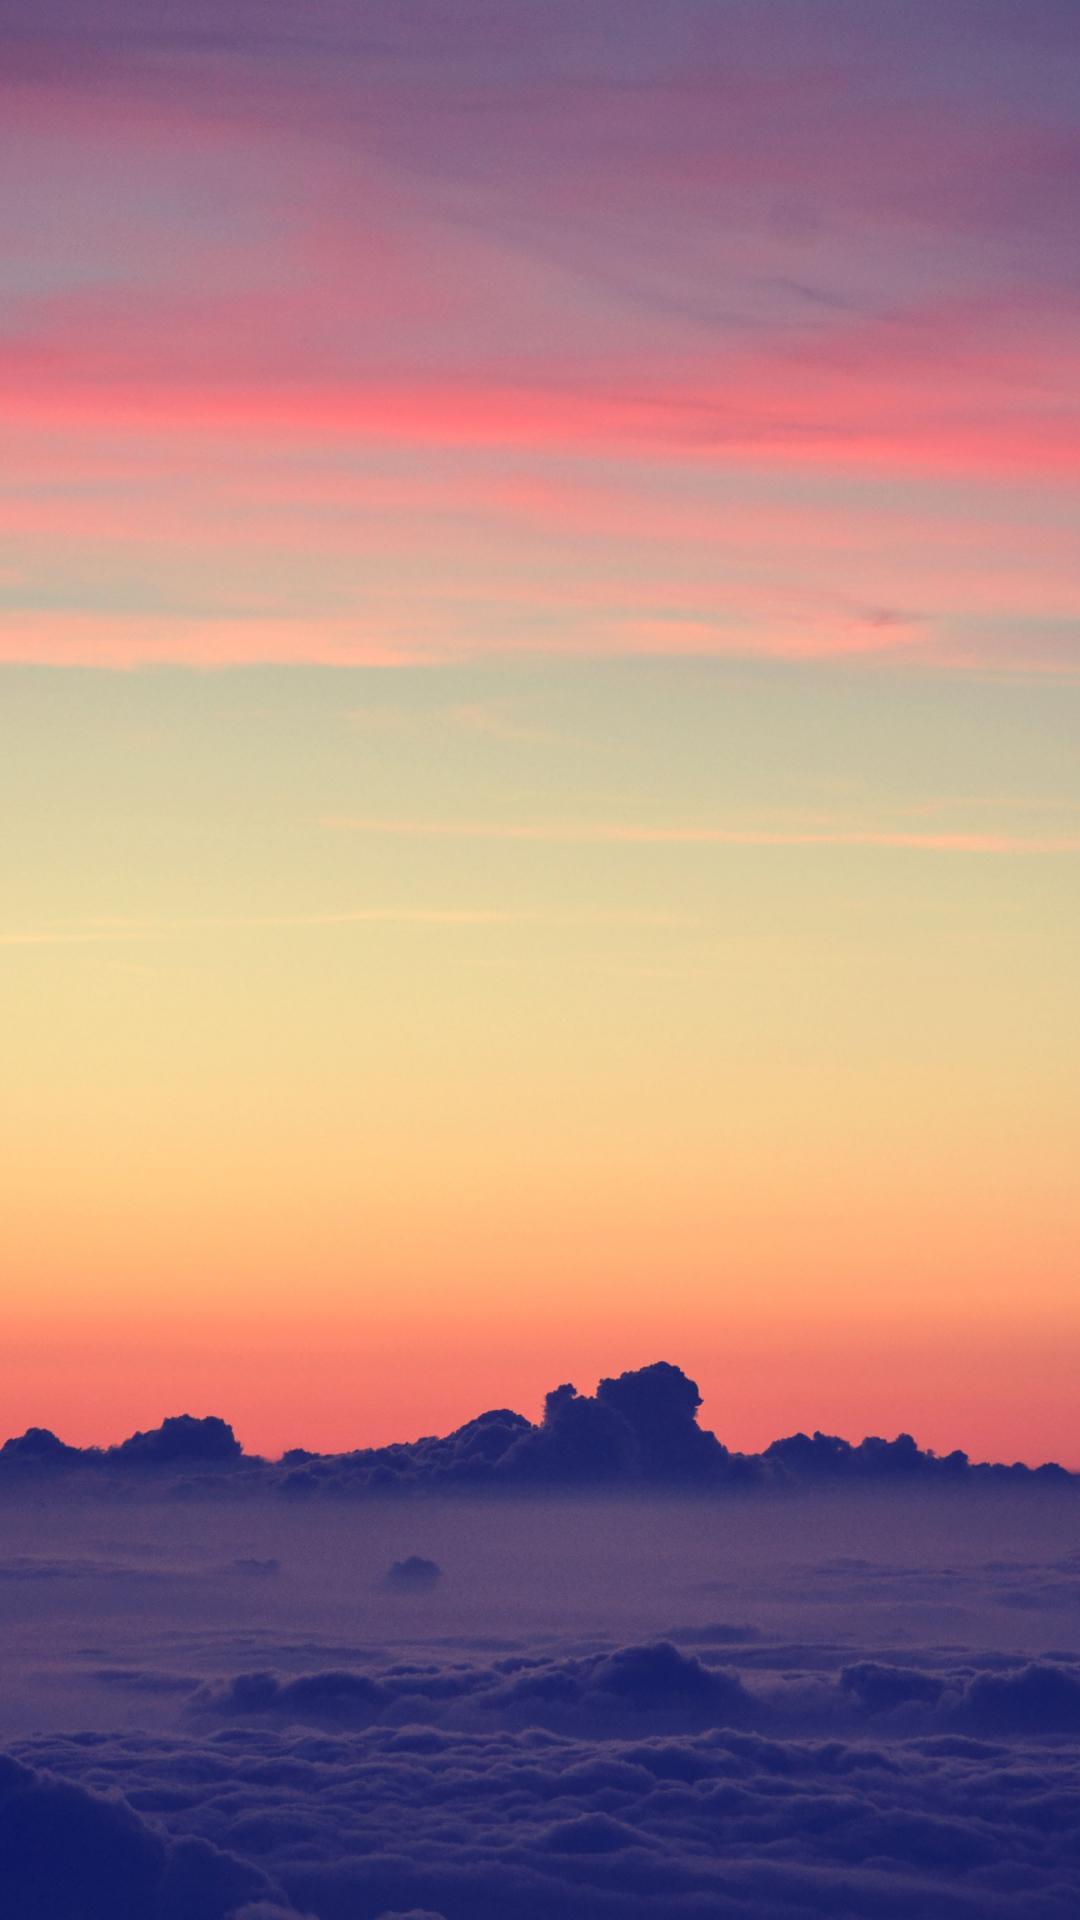 iPhone Wallpaper Sky sunset 3Wallpapers : notre sélection de fonds d'écran du 22/01/2018